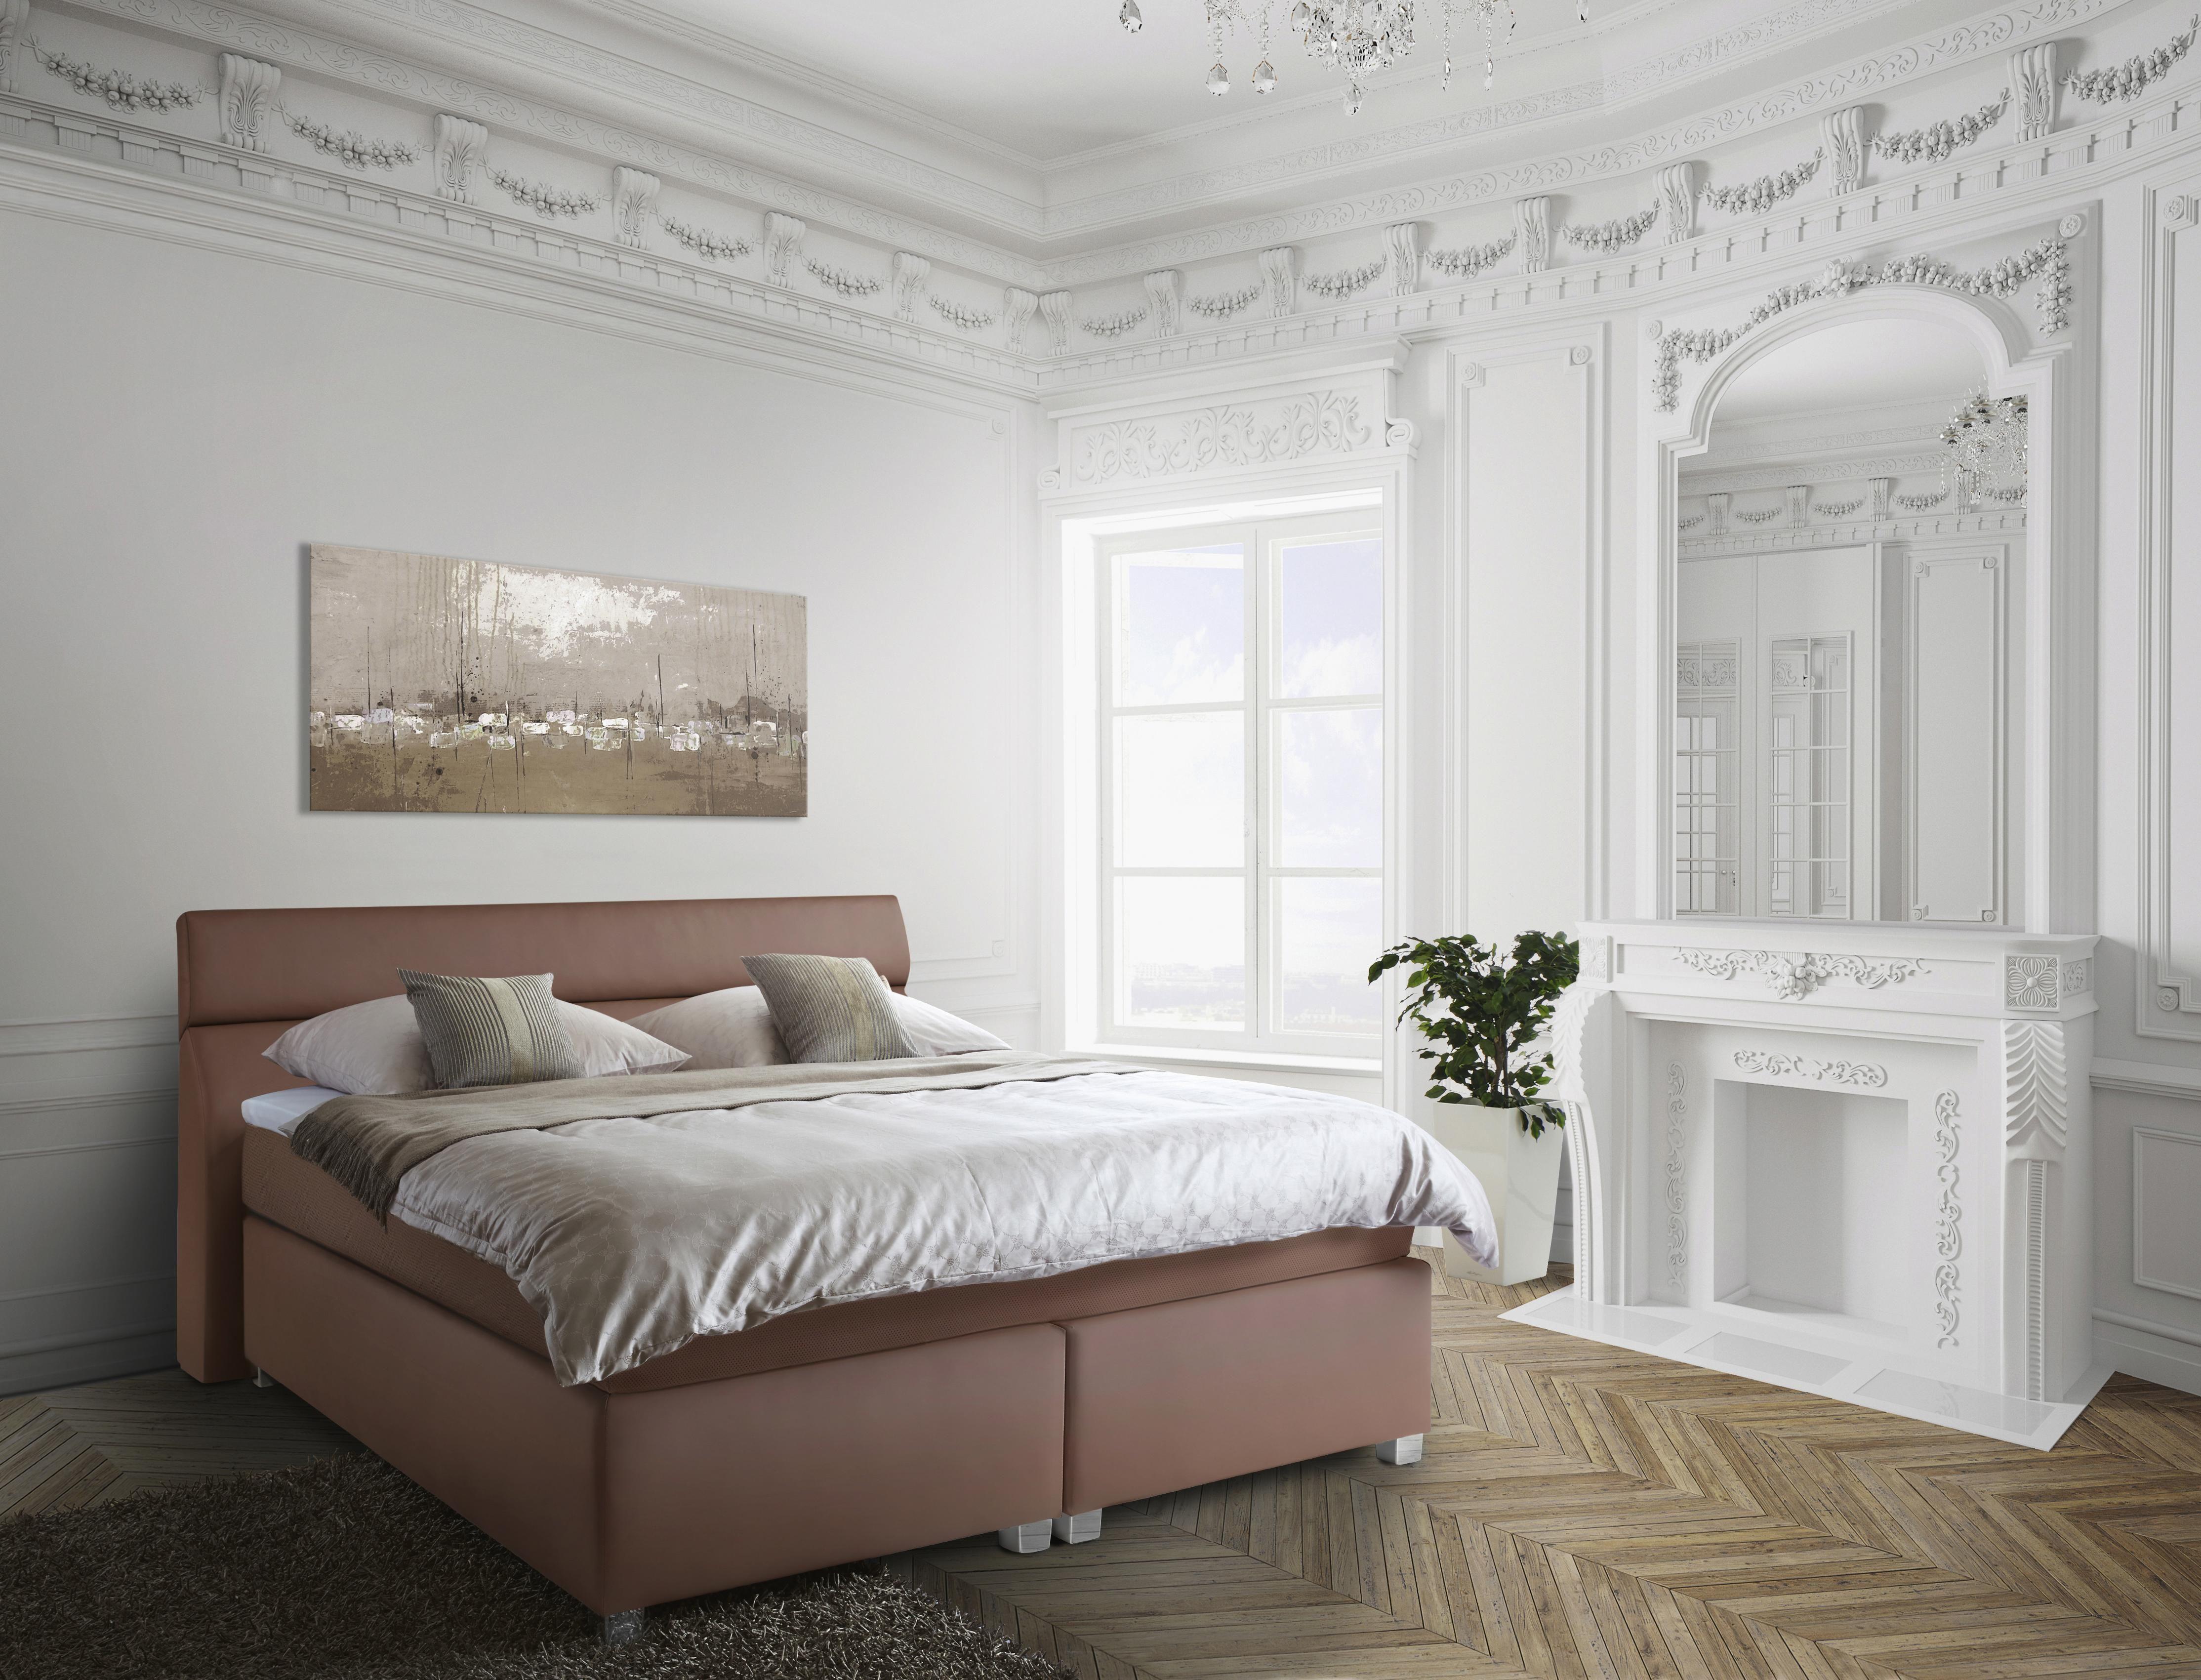 das boxspringbett ist der garant f r guten schlaf die. Black Bedroom Furniture Sets. Home Design Ideas